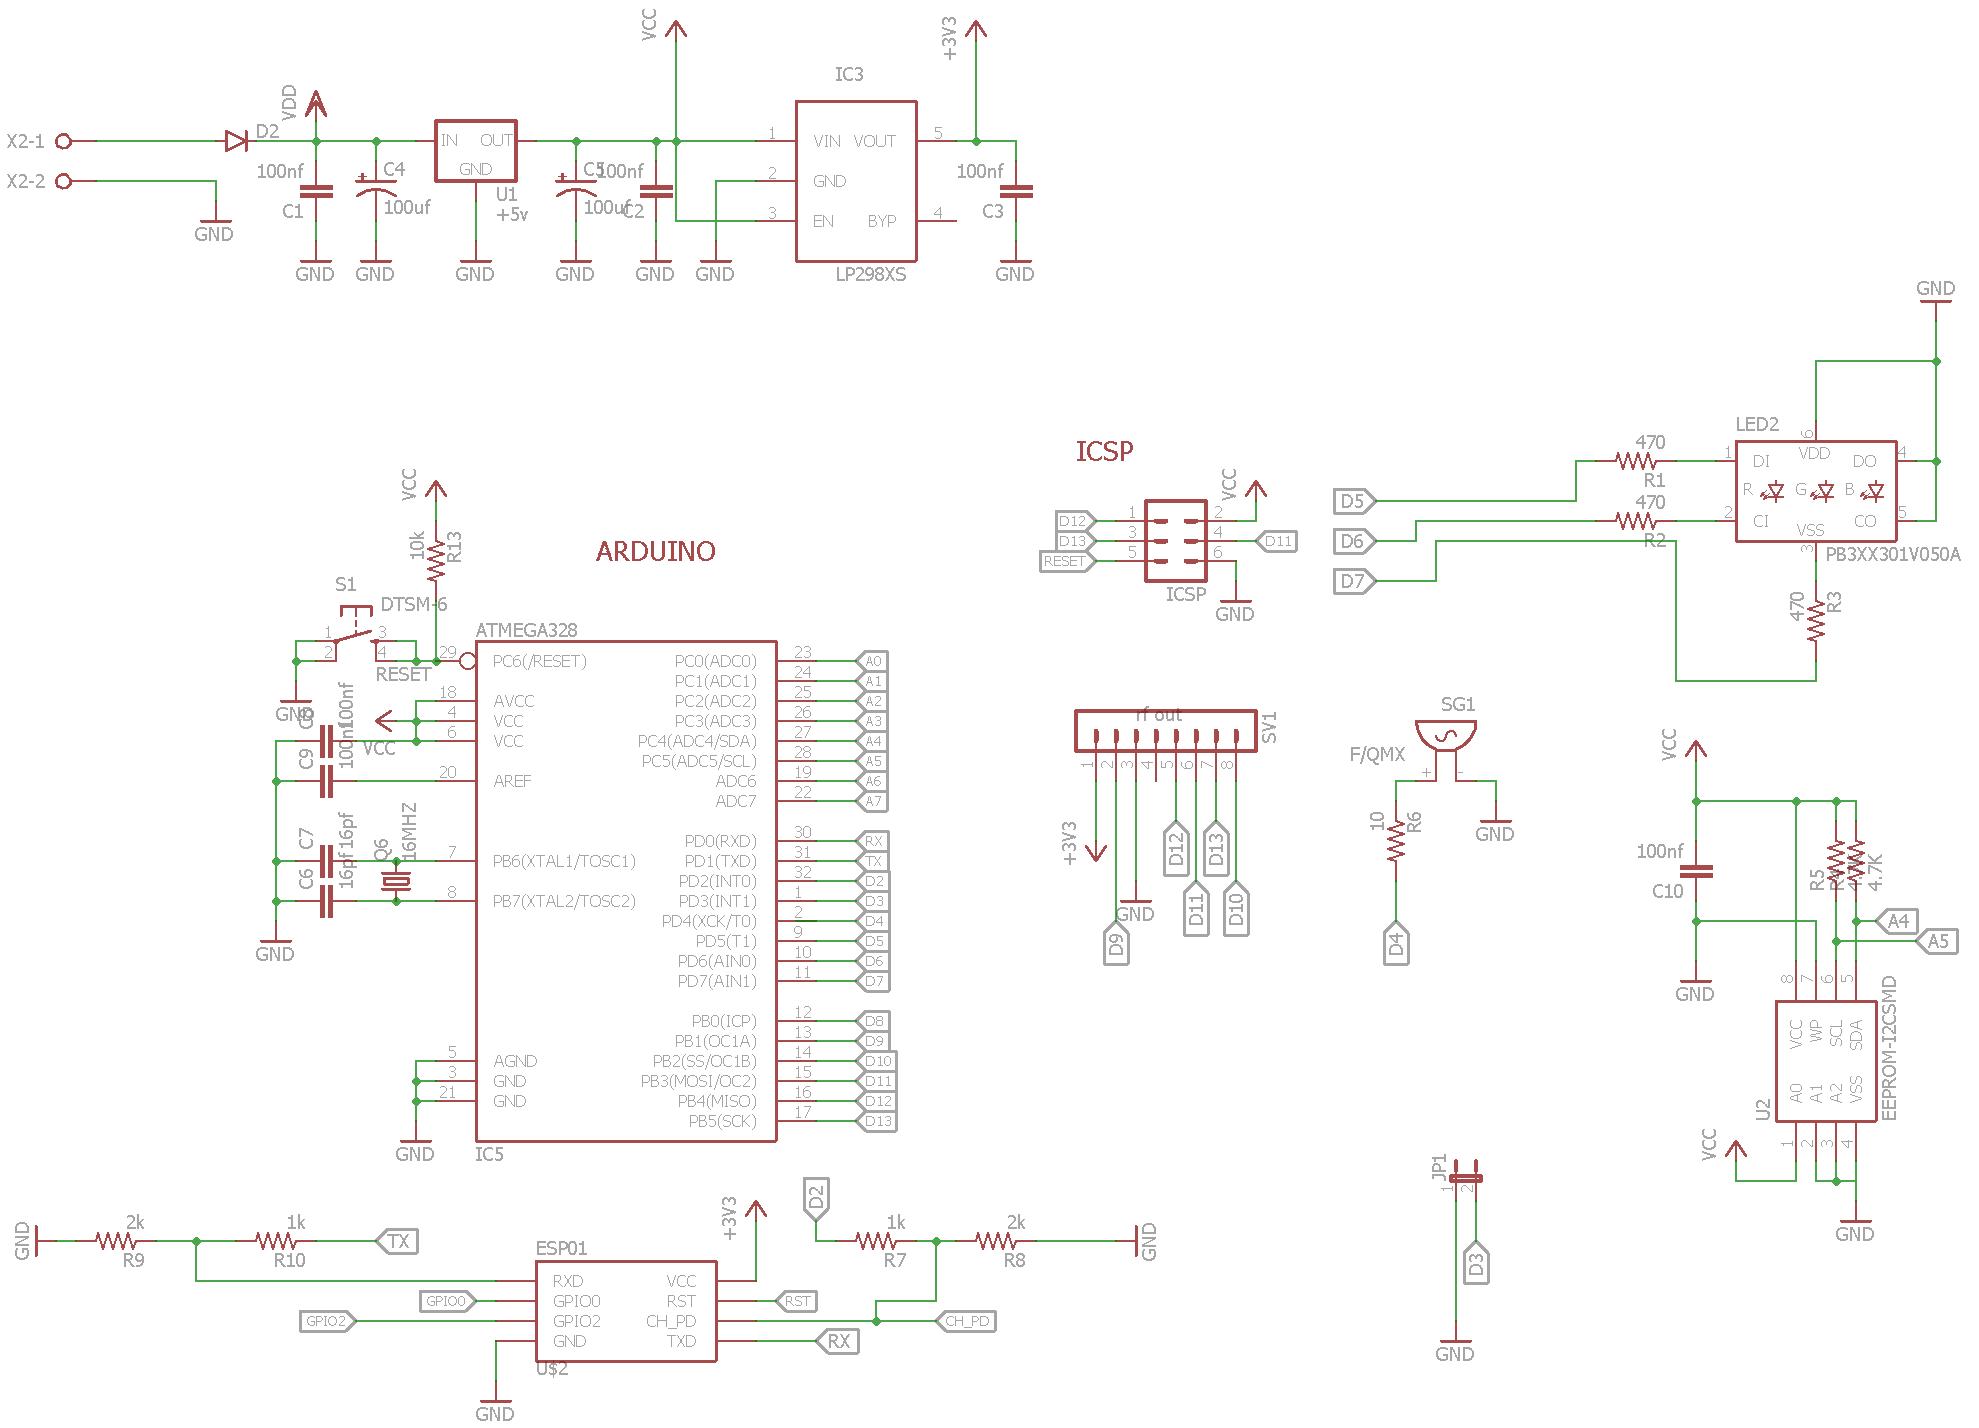 RFID_Wifi Schematics